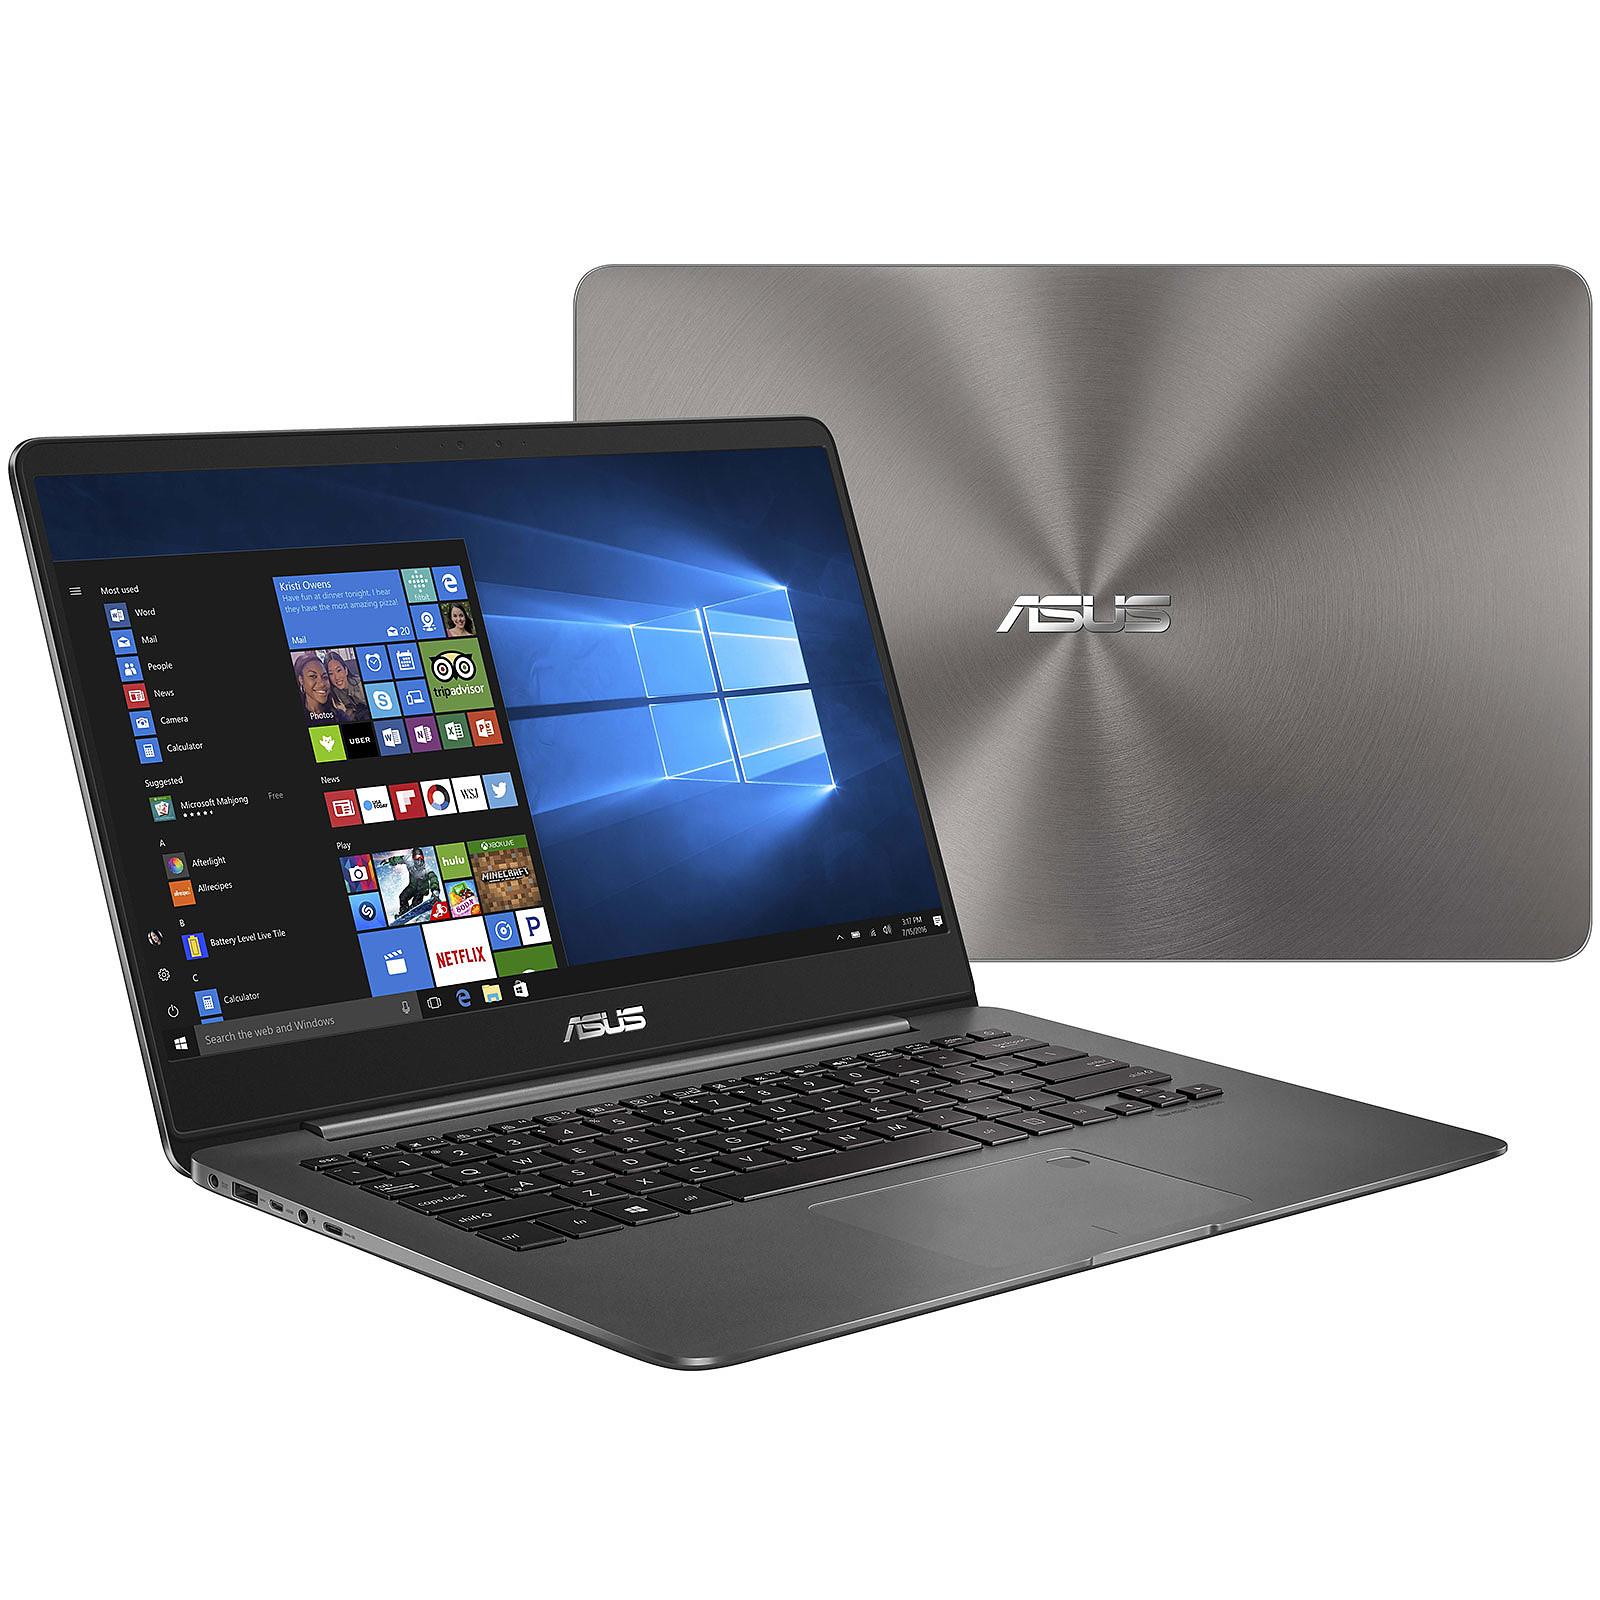 ASUS Zenbook UX430UA-5R8256